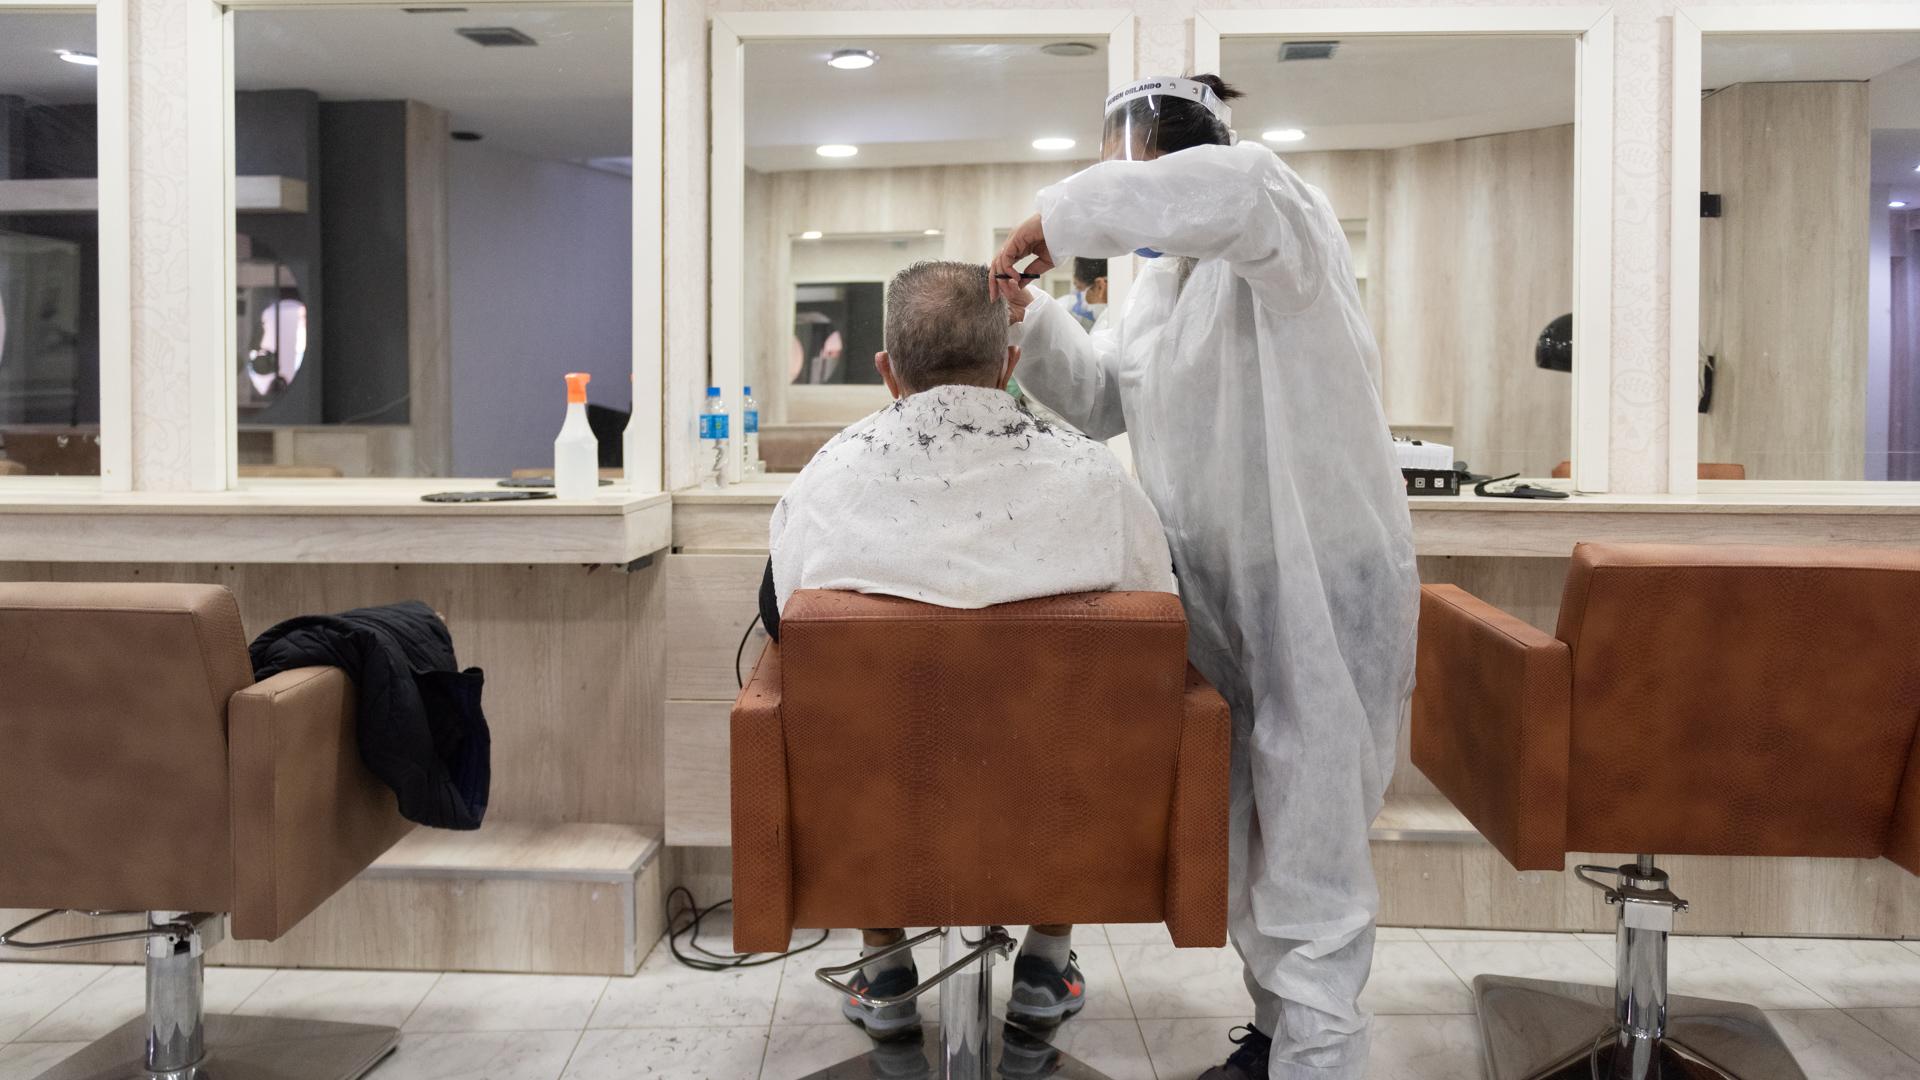 EL nuevo protocolo habilitado por el gobierno de la Ciudad implica nuevas rutinas y hábitos de cuidado en cada servicio